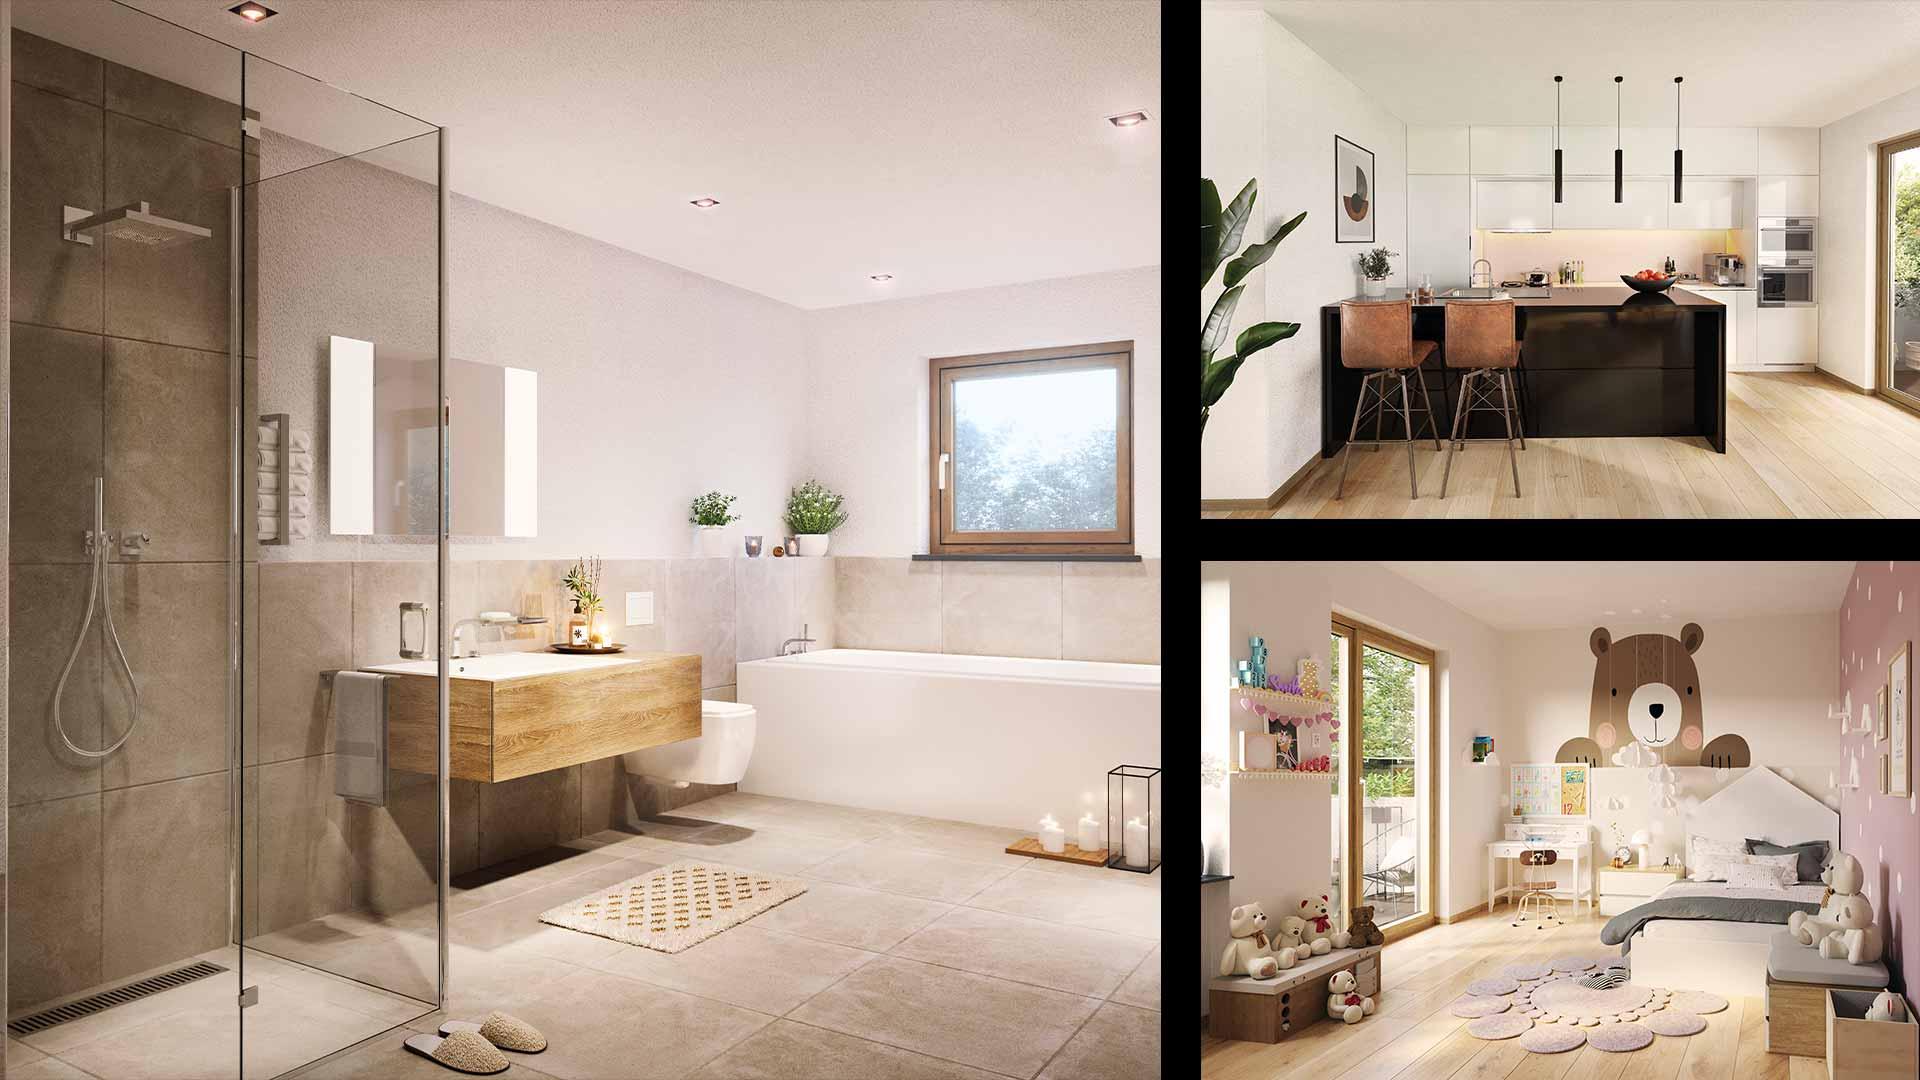 PARK-AVENUE_9_Raum_Visionen_Immobilien_marketing